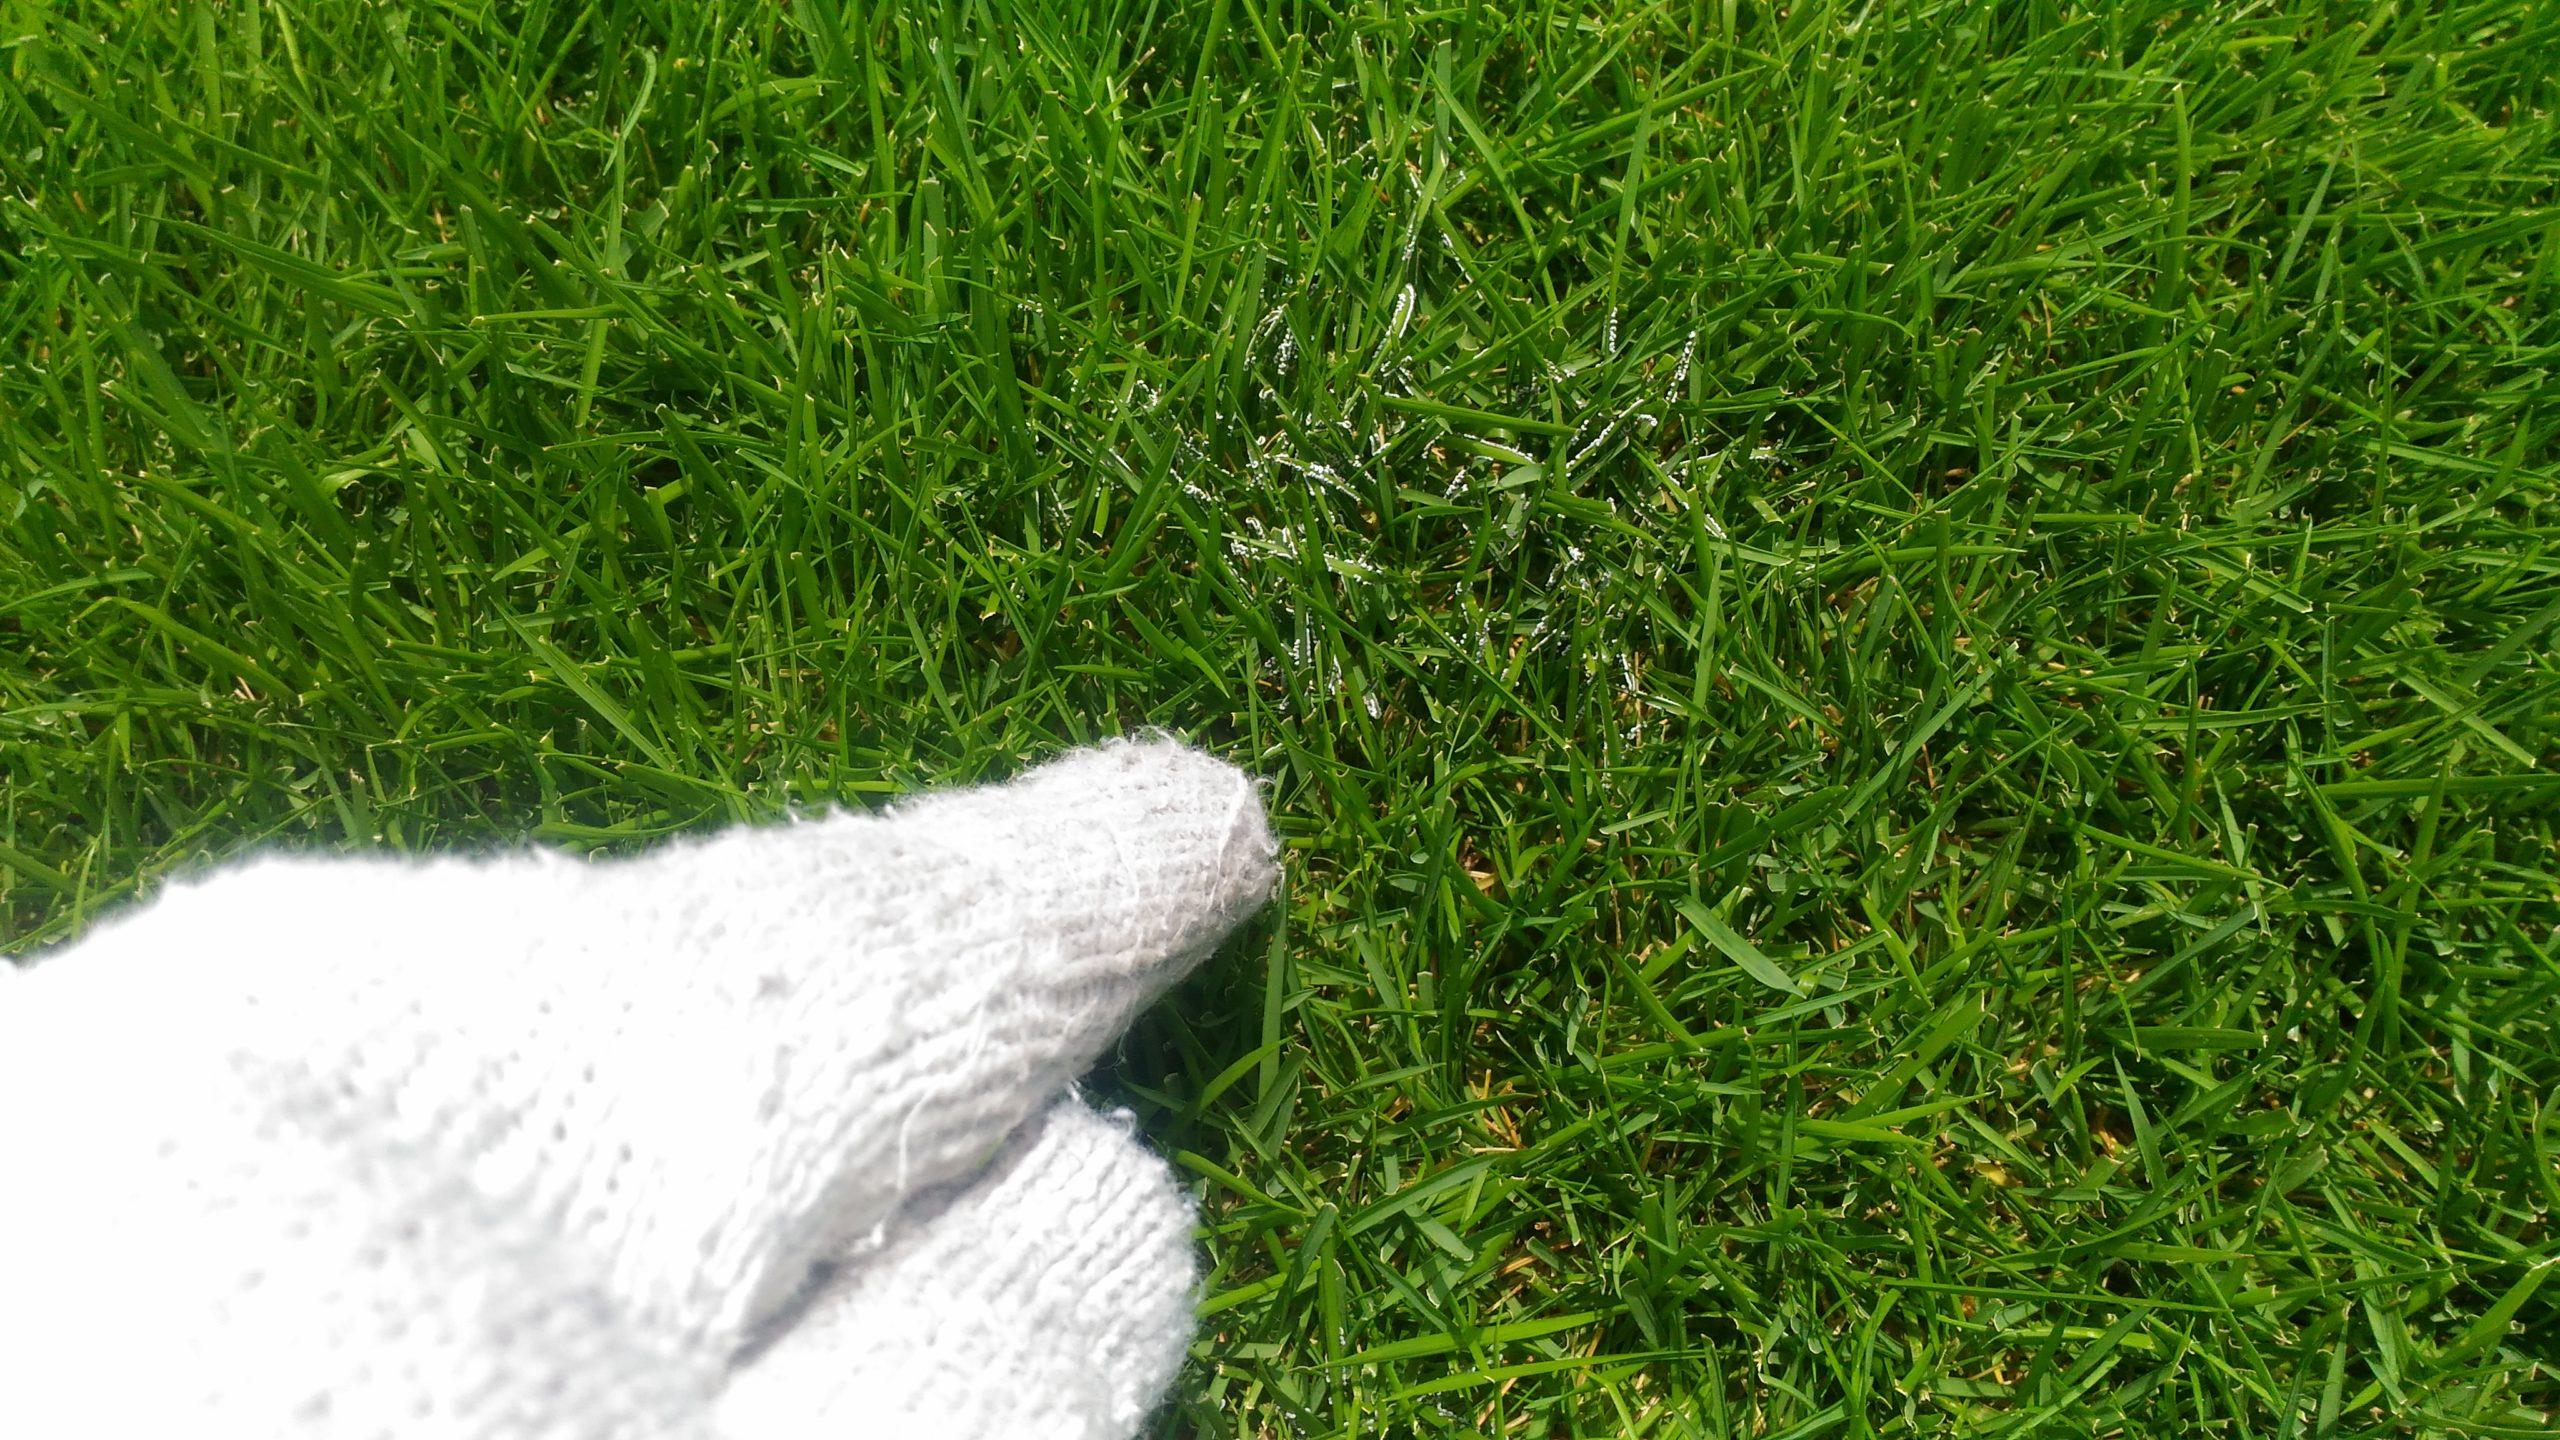 芝生のほこりかび病!殺菌剤や対処方法は😮?